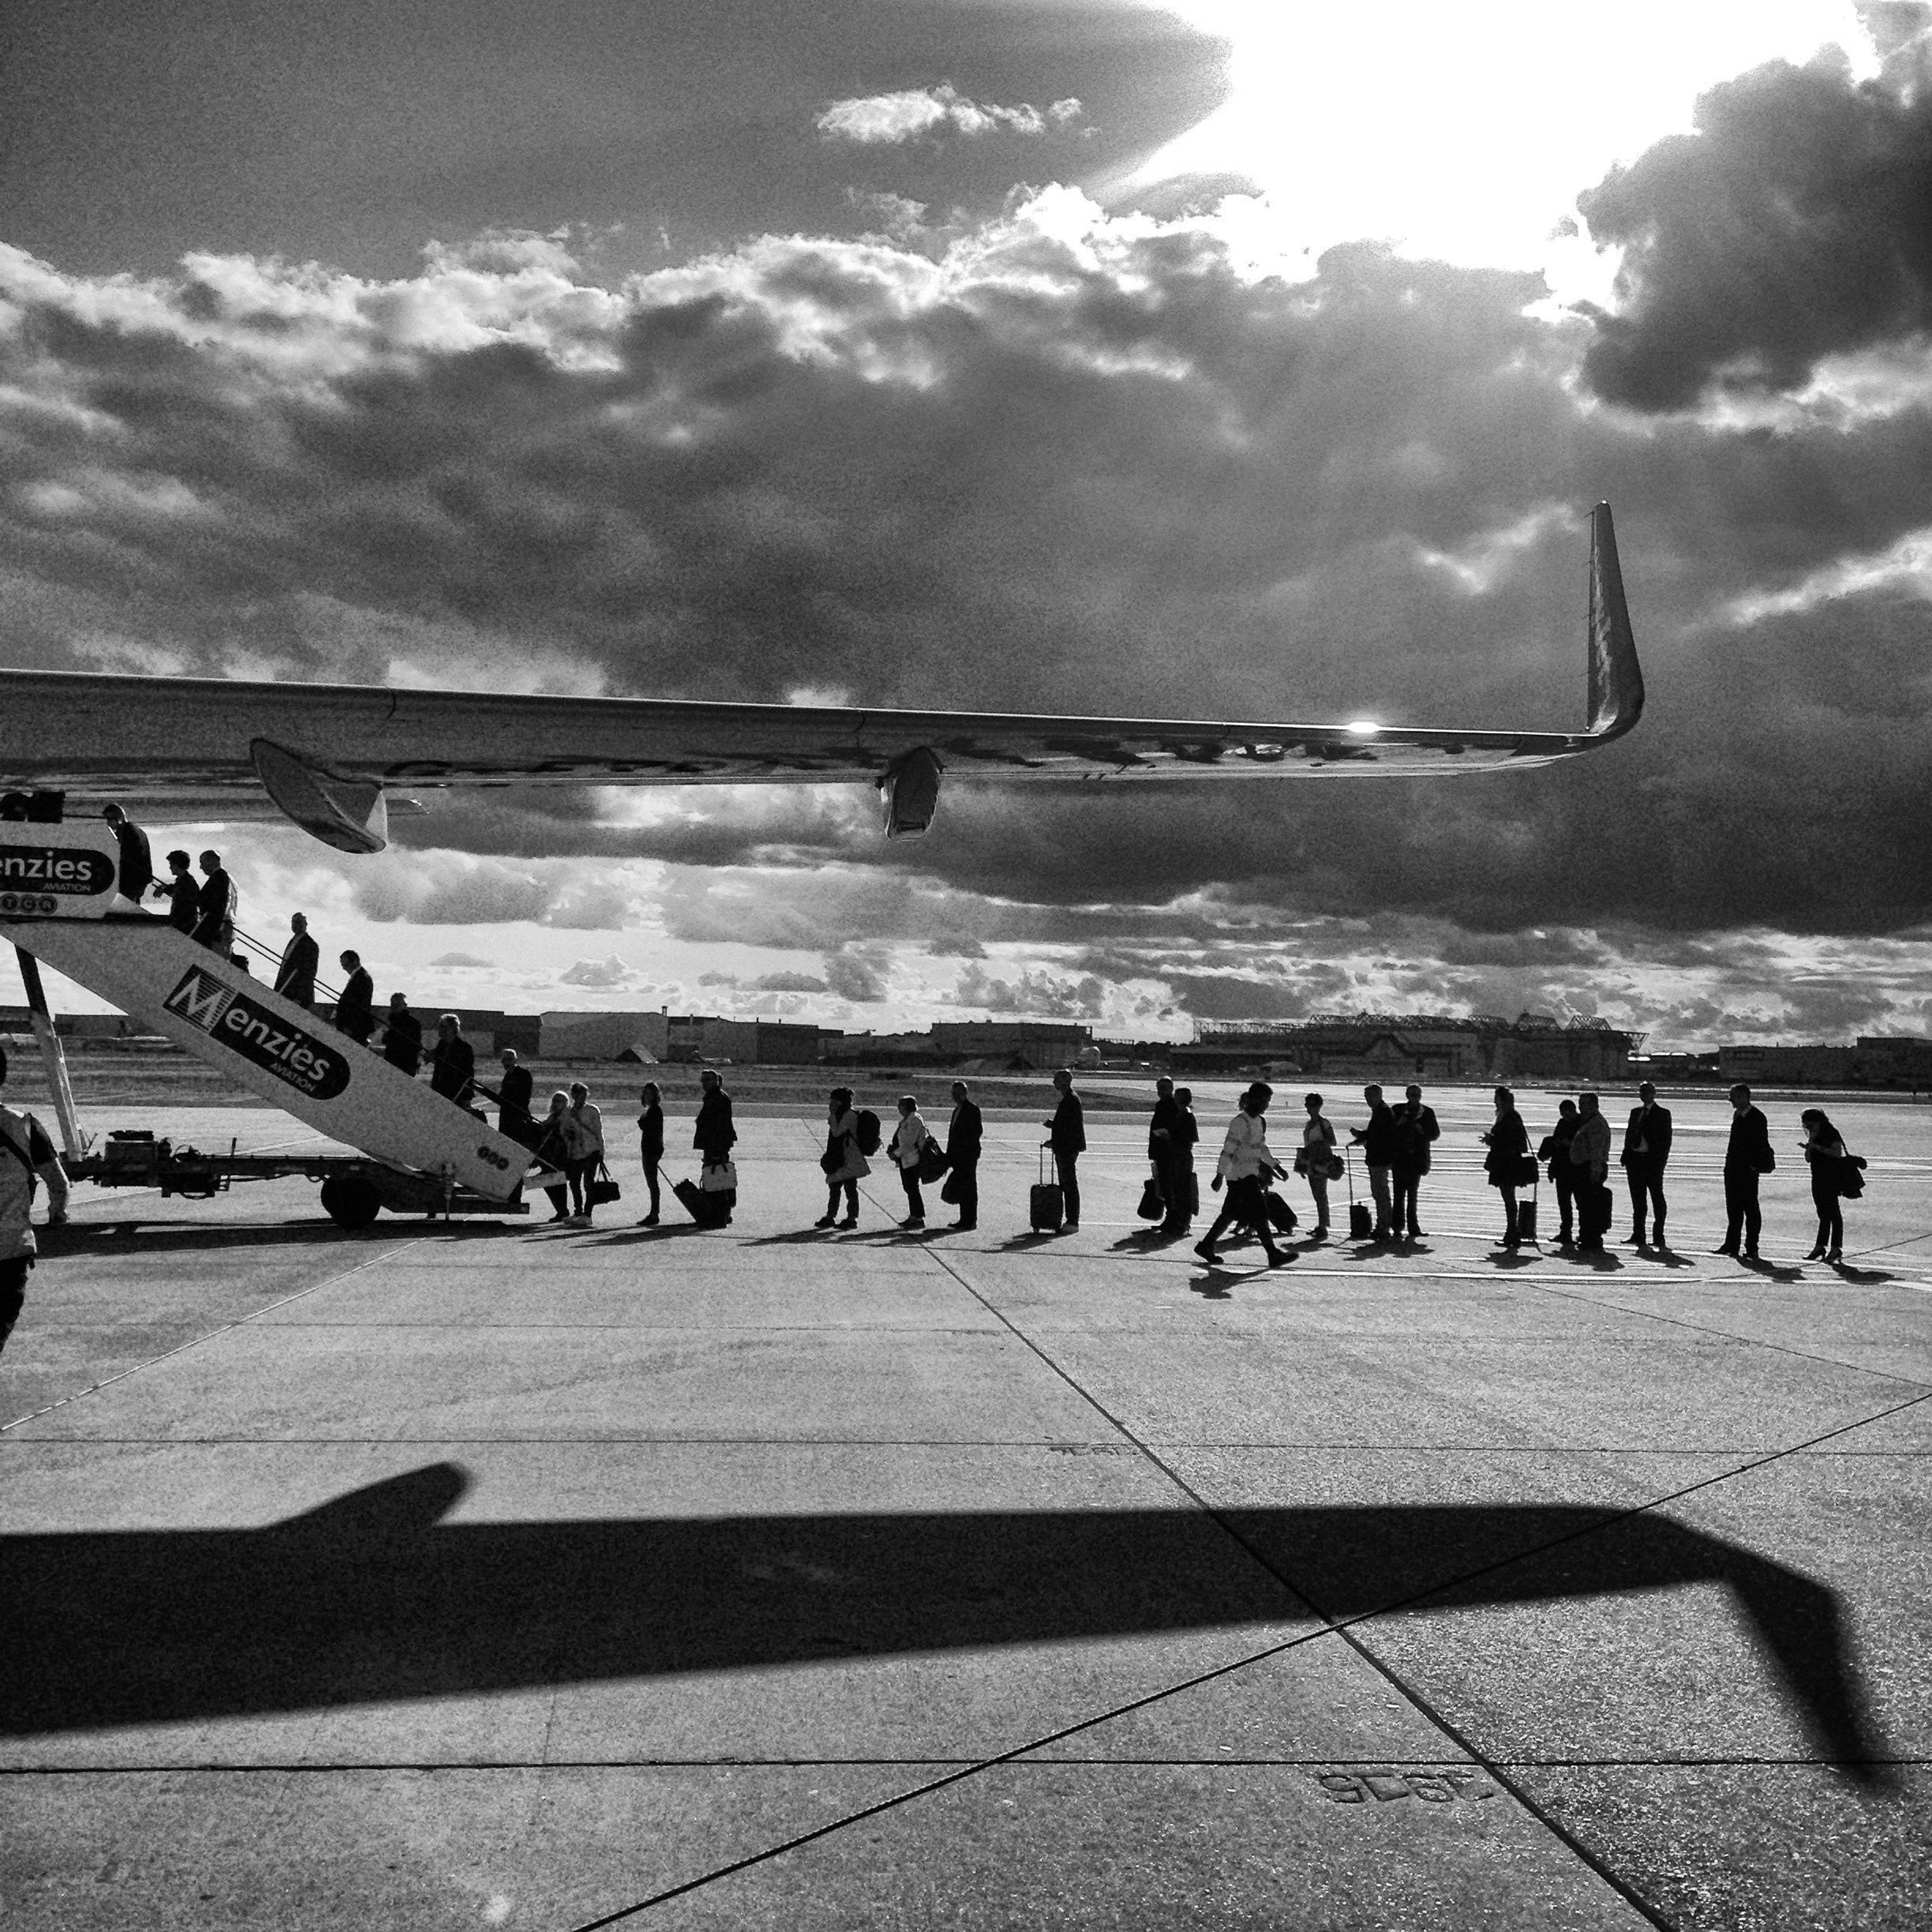 Les voyageurs